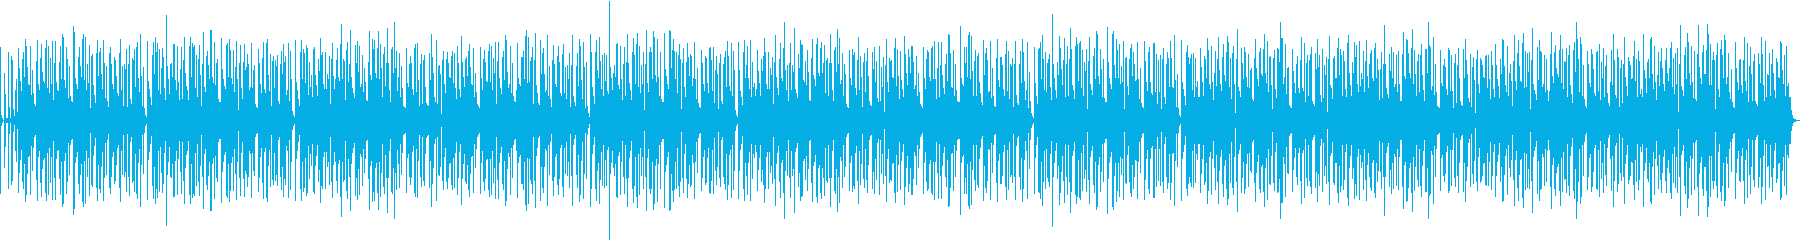 バンドサウンドのお洒落なジャズBGMの再生済みの波形